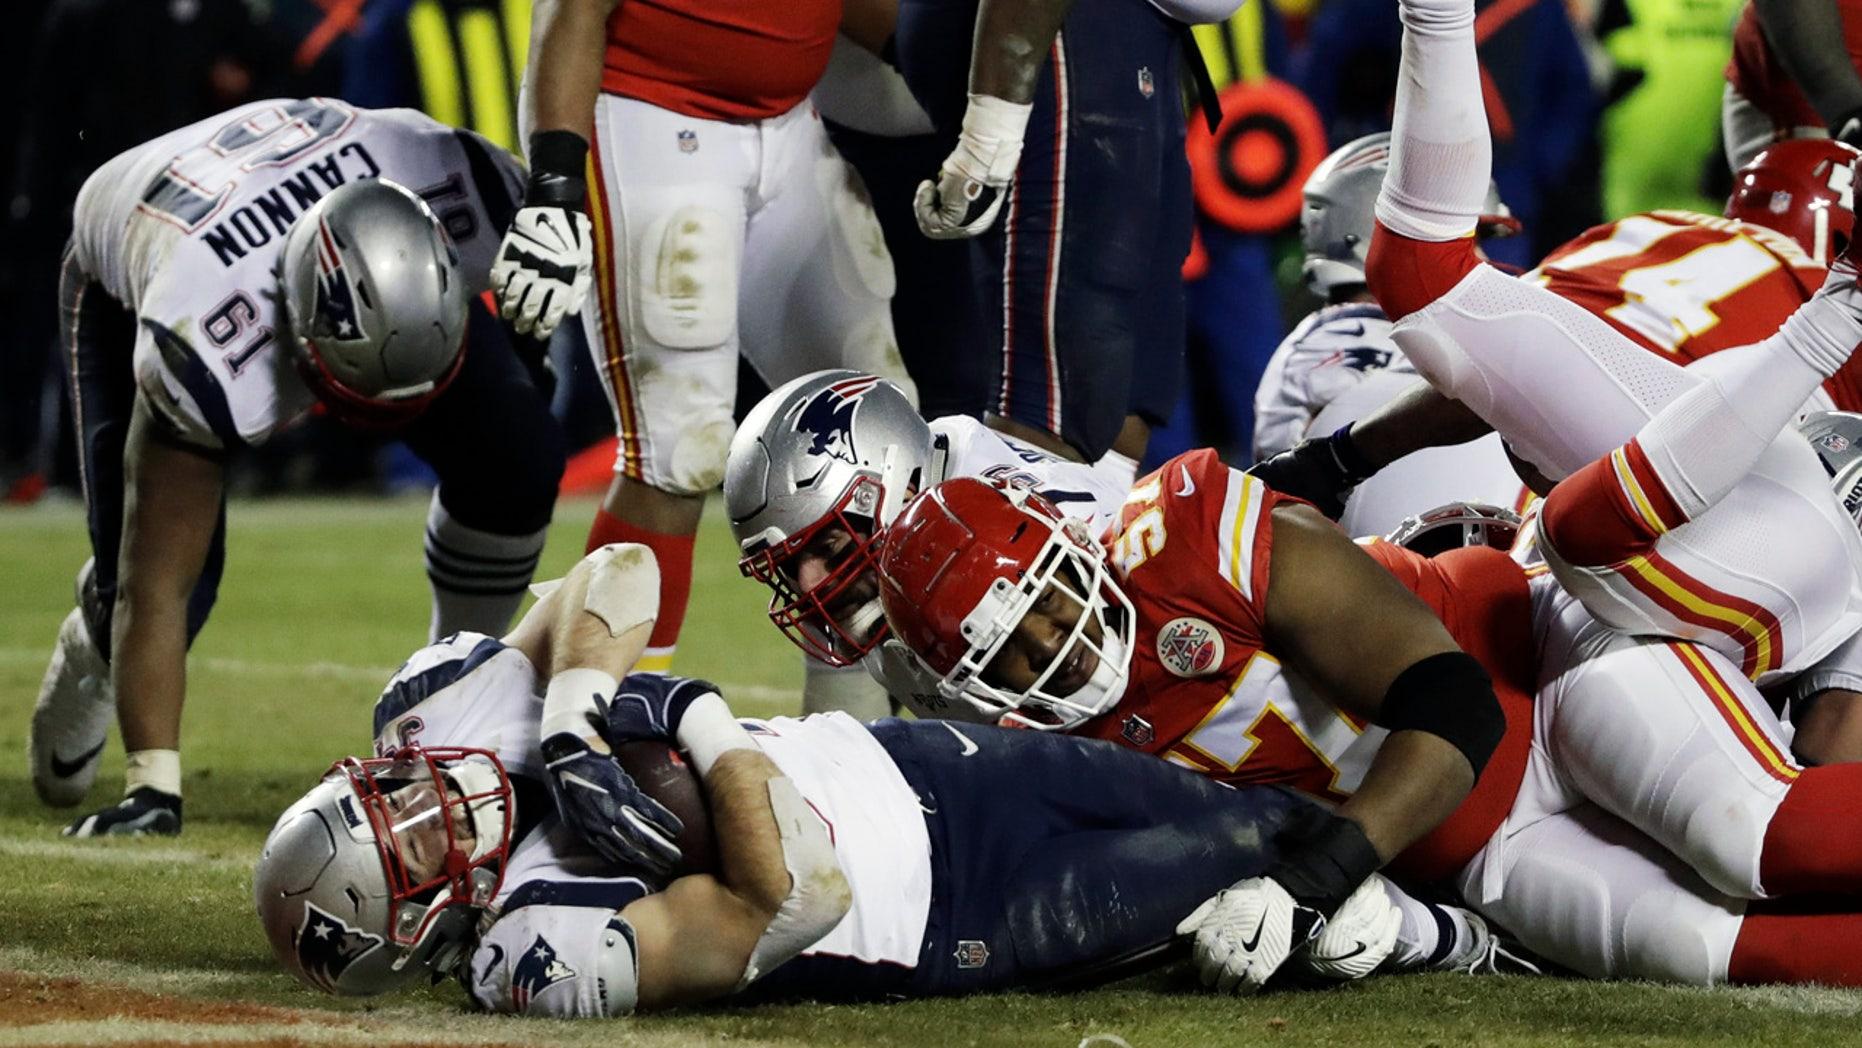 Rex Burkhead is in favor of the winning score in overtime. (AP Photo / Elise Amendola)